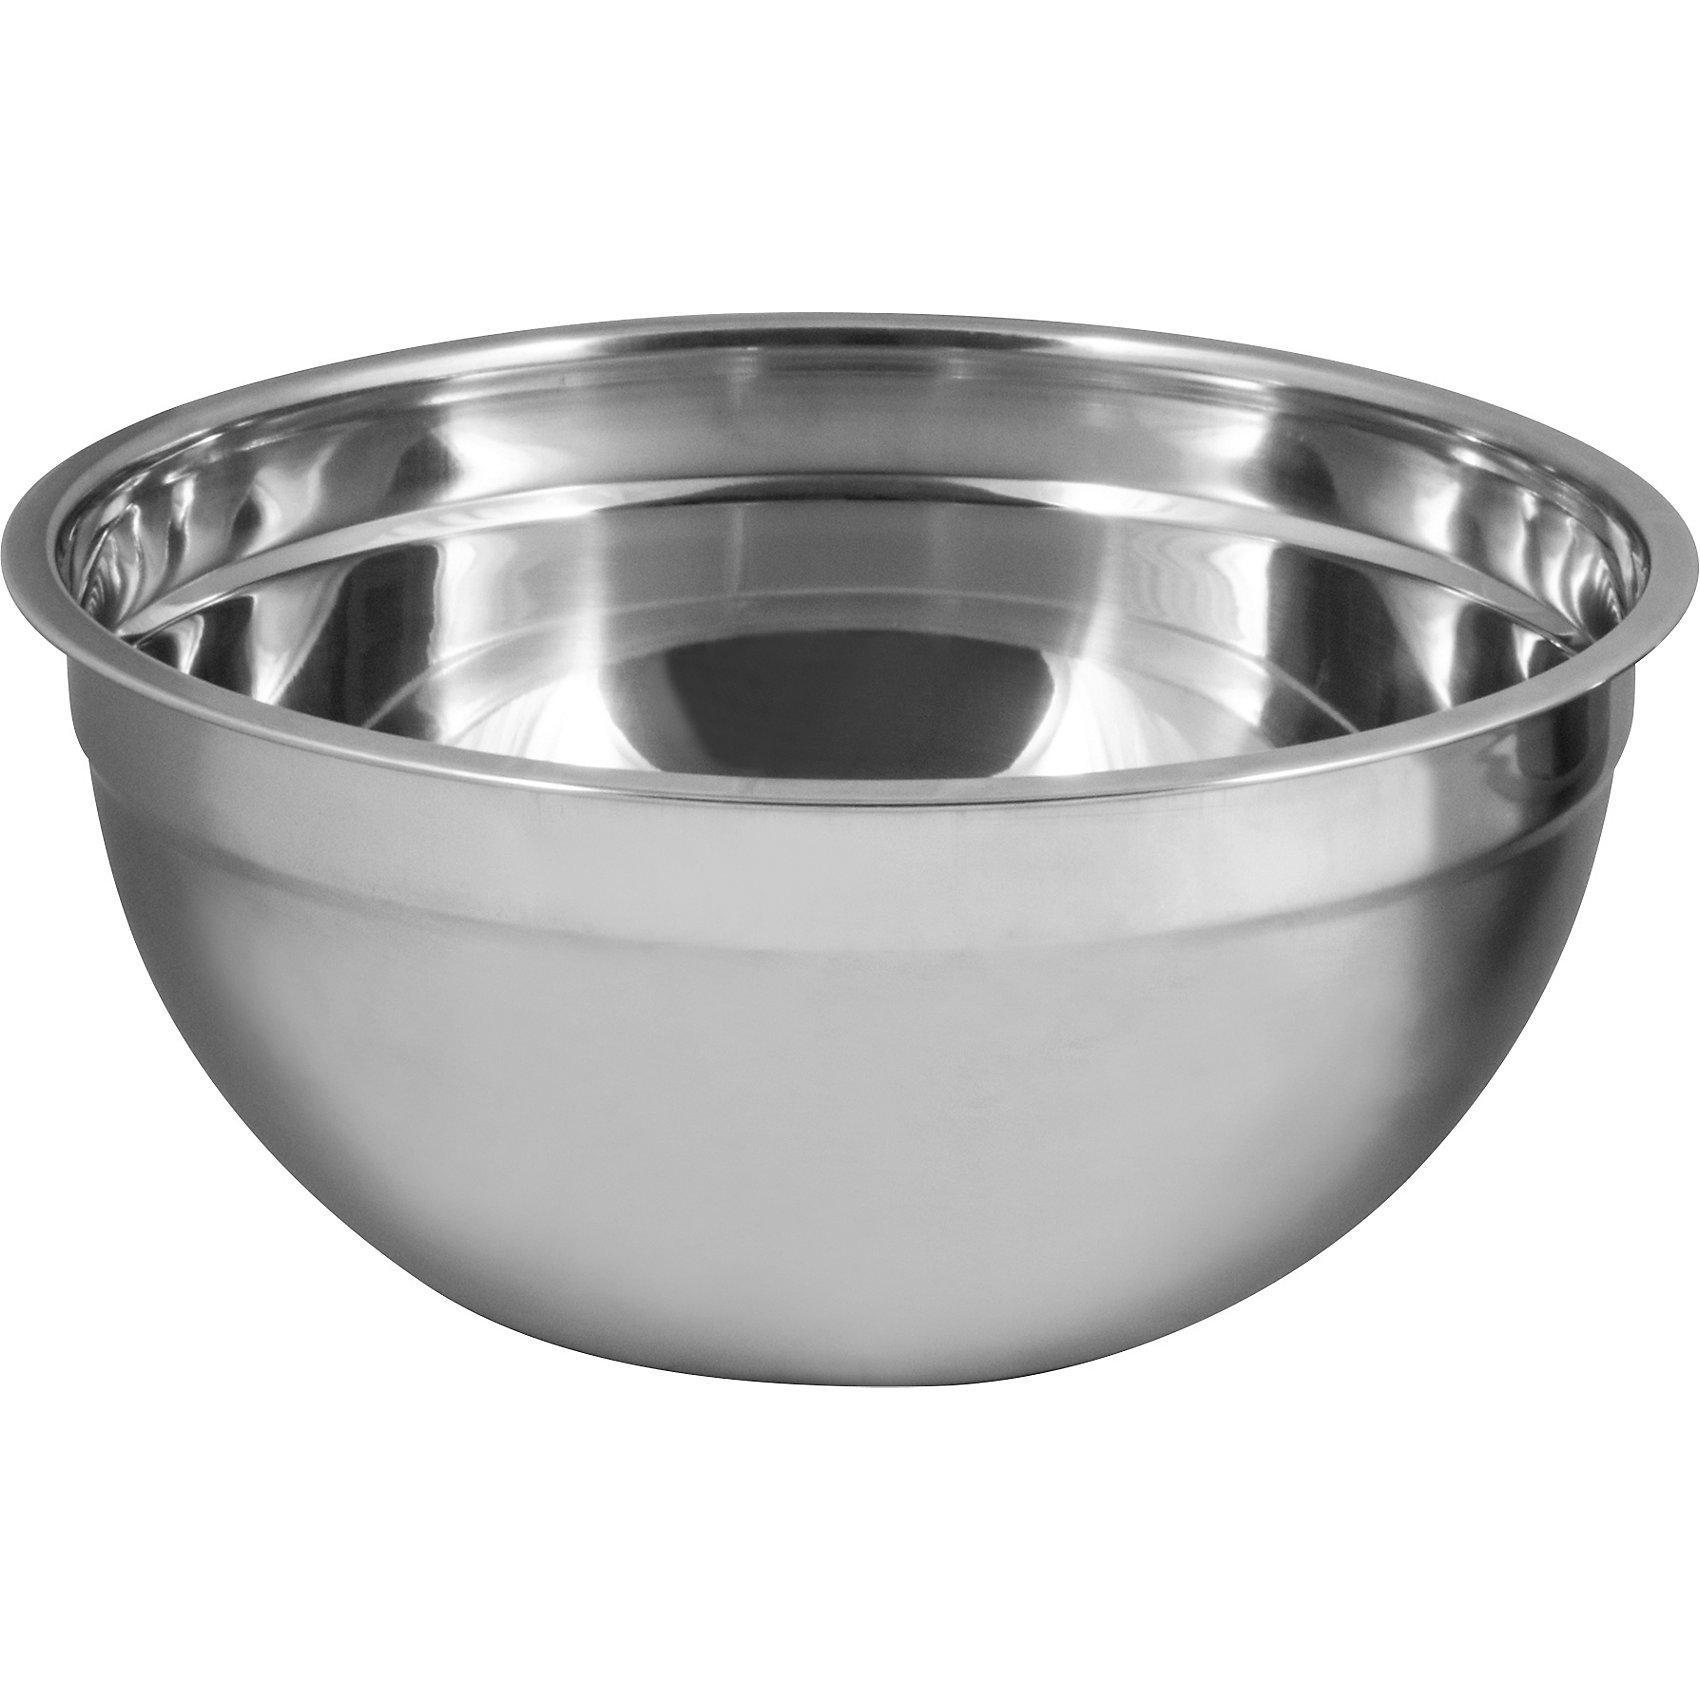 Миска BOWL-RING-26, 26*12 см,4 л, MallonyБытовая техника для кухни<br>Миска BOWL-RING-26, 26*12 см,4 л, Mallony (Маллони)<br><br>Характеристики:<br><br>• зеркальная полировка<br>• одинарное дно<br>• расширенные края<br>• нержавеющая сталь<br>• размер: 26х12 см<br>• объем: 4 л<br><br>Миска BOWL-19 пригодится вам на кухне. Она изготовлена из нержавеющей стали, имеет зеркальную полировку и одинарное дно. С помощью расширенных краев вы сможете удобно поднять или перенести миску. Диаметр миски - 26 сантиметров. Объем - 4 литра.<br><br>Миску BOWL-RING-26, 26*12 см,4 л, Mallony (Маллони) можно купить в нашем интернет-магазине.<br><br>Ширина мм: 290<br>Глубина мм: 270<br>Высота мм: 120<br>Вес г: 337<br>Возраст от месяцев: 12<br>Возраст до месяцев: 36<br>Пол: Унисекс<br>Возраст: Детский<br>SKU: 5454067